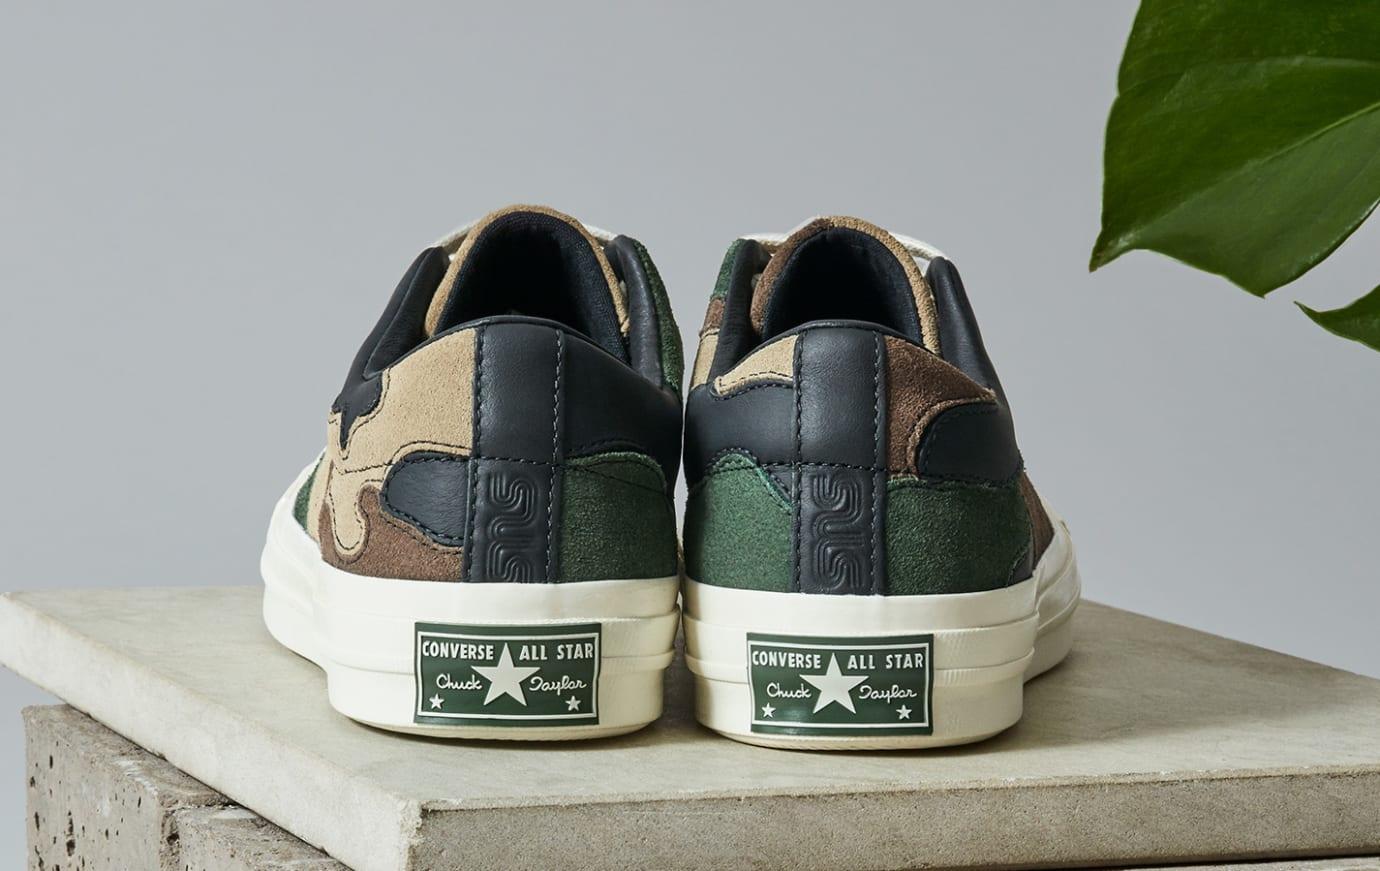 8f3b6c5867d89 Image via SneakersNStuff Sneakersnstuff x Converse One Star 'Canteen' (Heel)